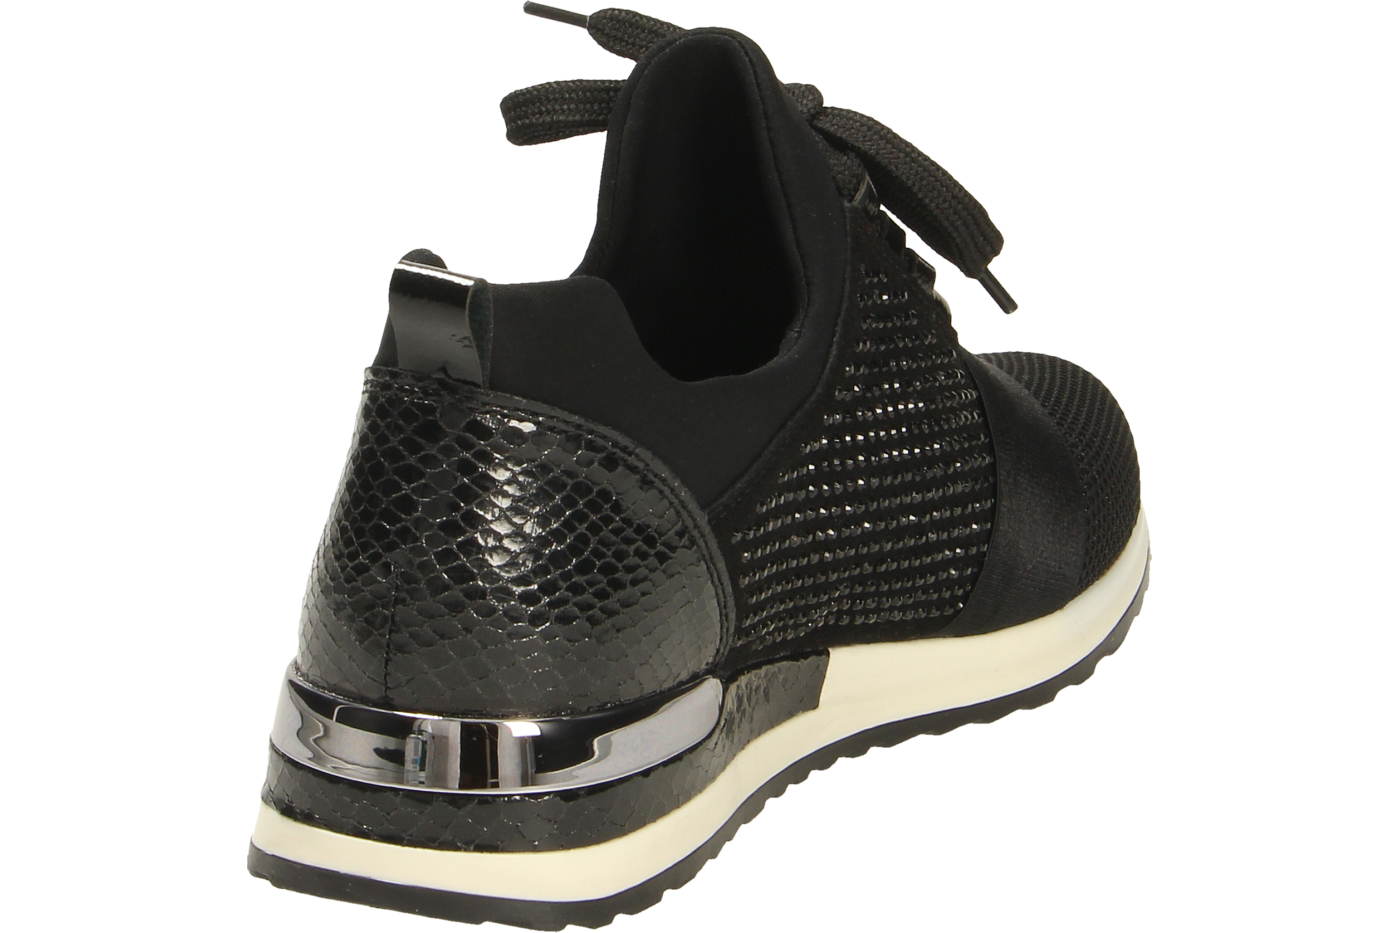 Remonte by Rieker Damen Sneaker schwarz R2500 02